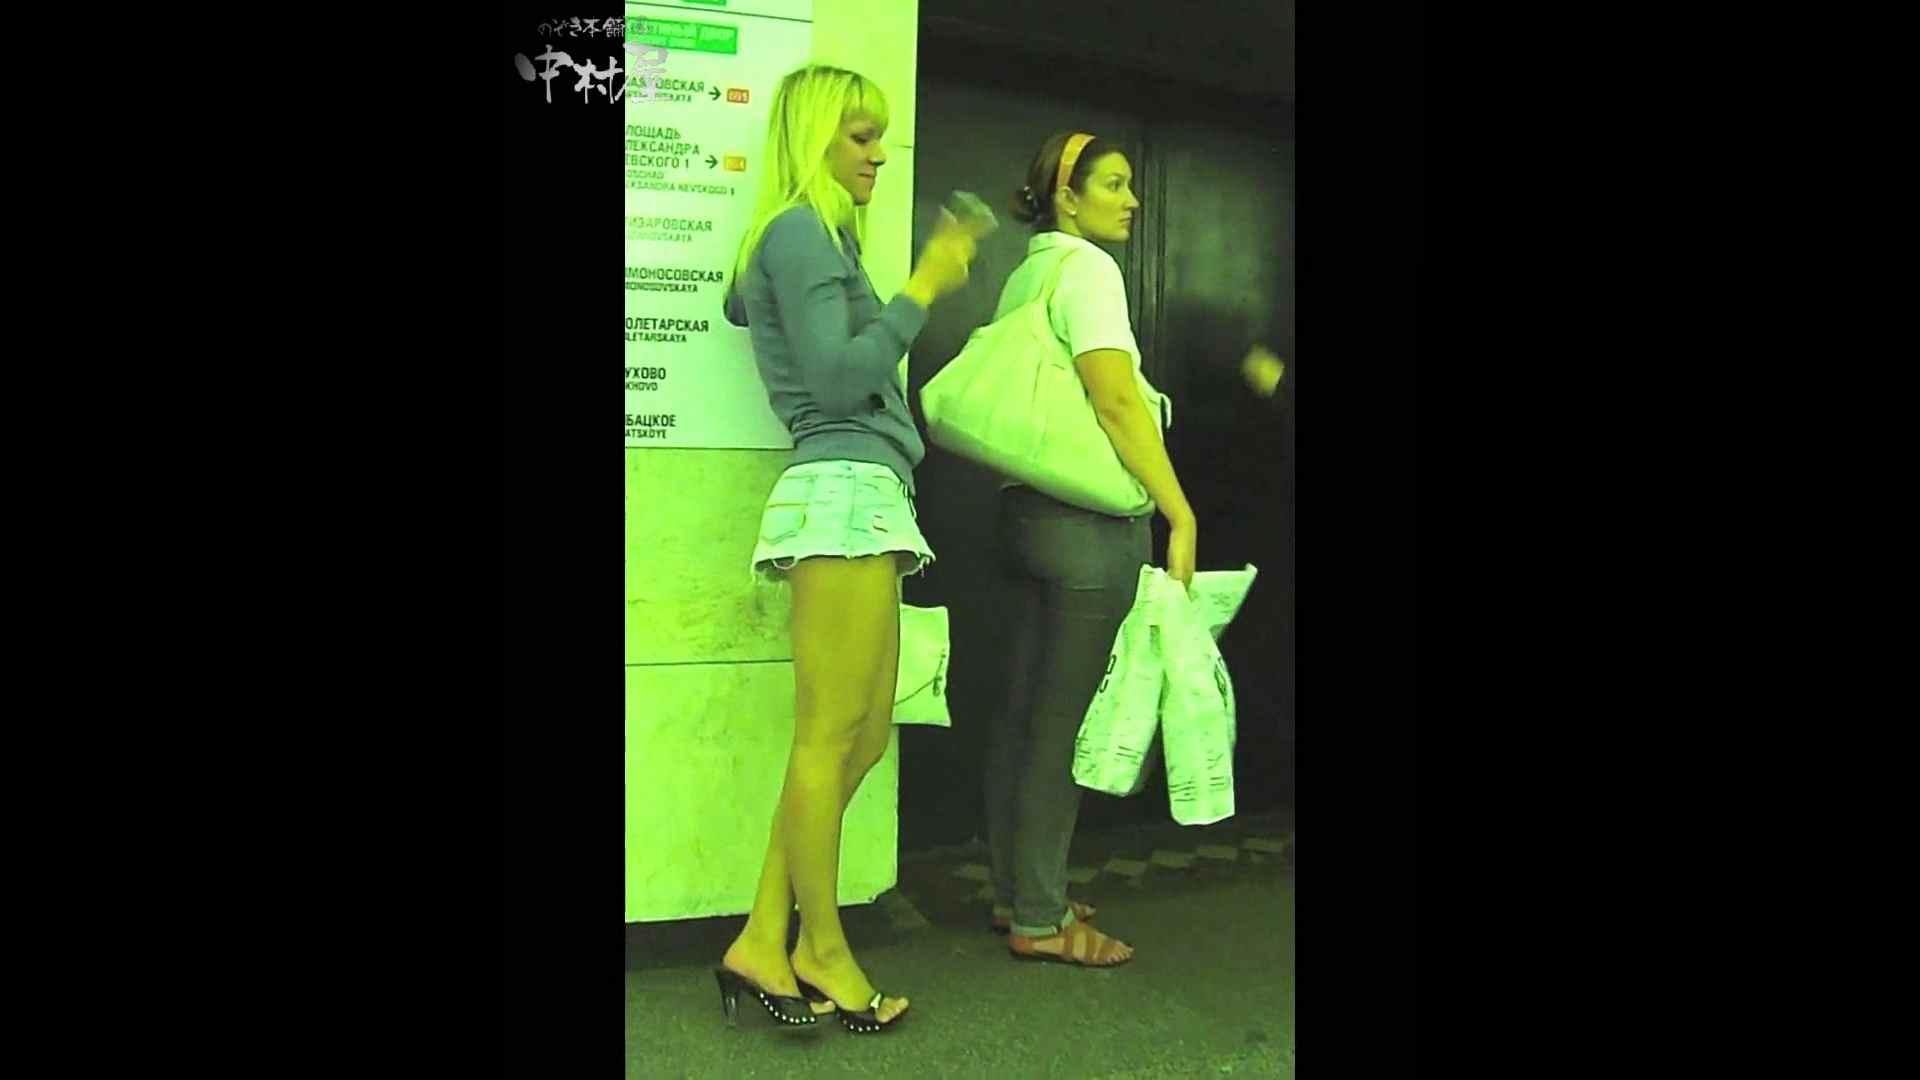 綺麗なモデルさんのスカート捲っちゃおう‼ vol12 お姉さんのエロ動画 | 0  84PIX 3